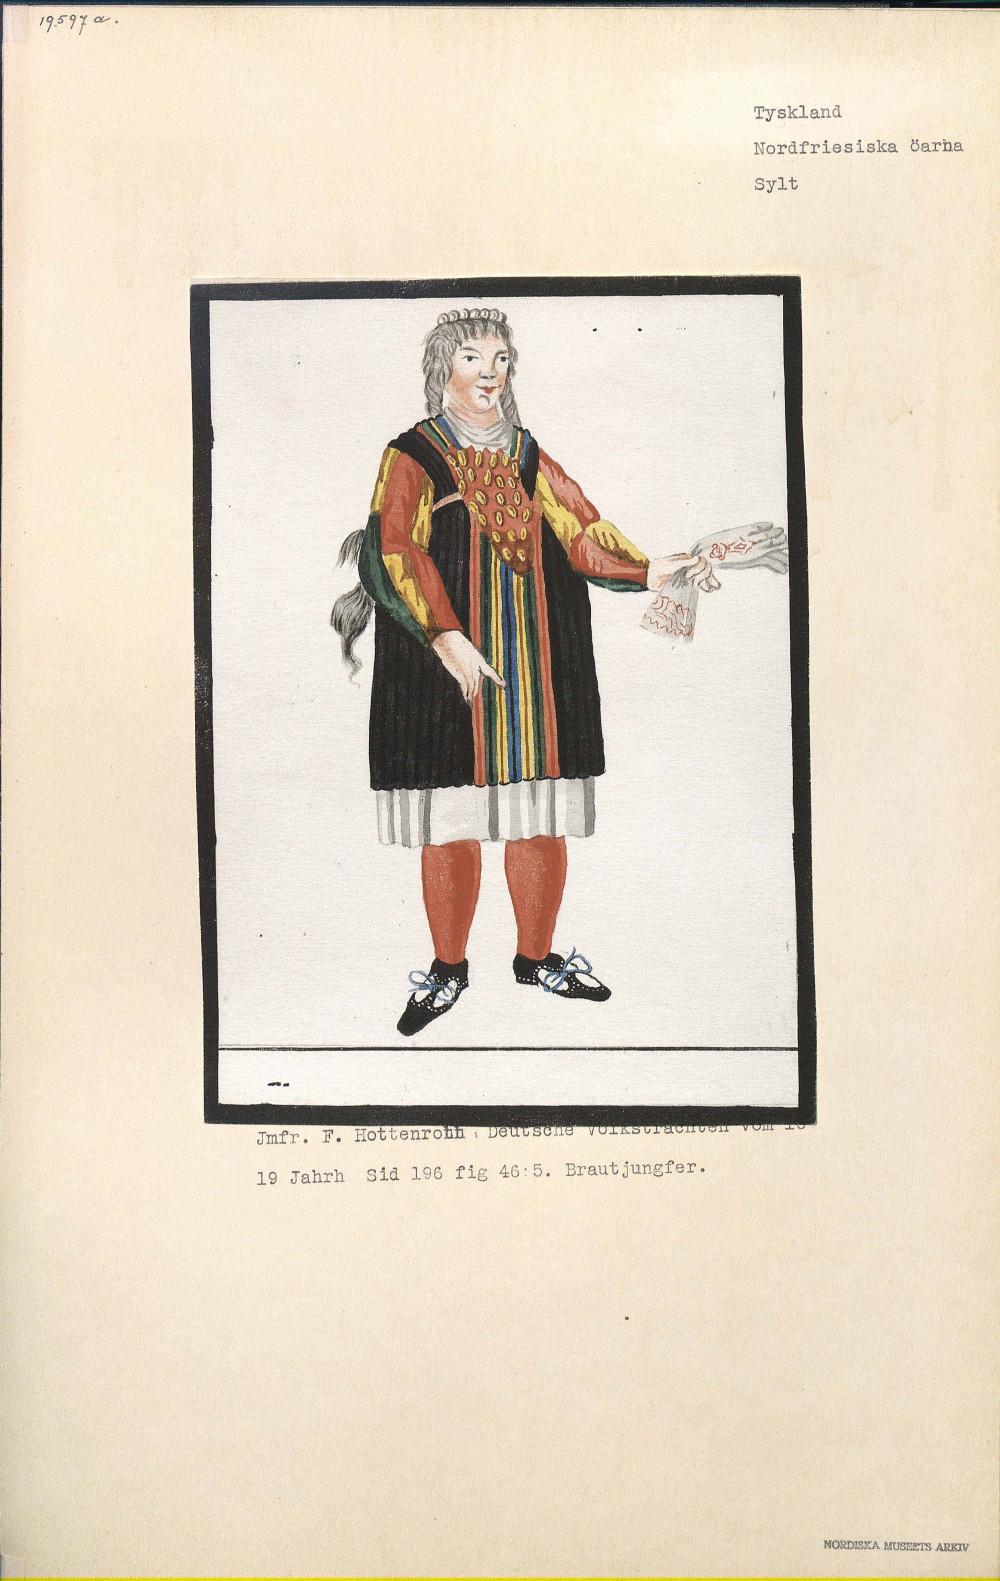 Skandinaviska-etnografiska samlingen